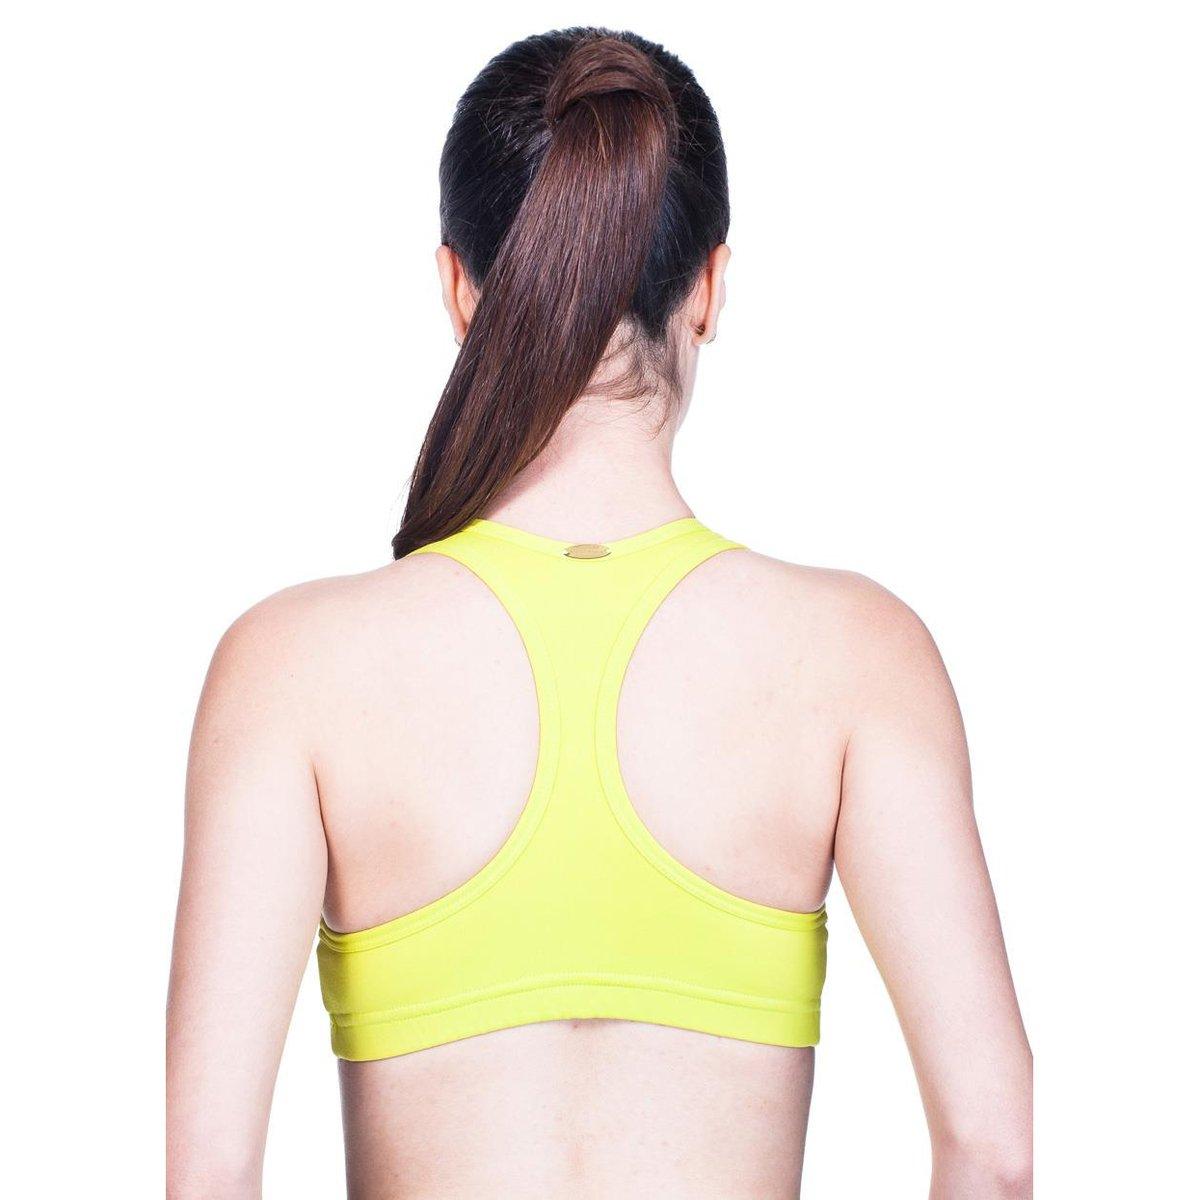 Limão Supplex Supplex Ju Bo Fitness Top Fitness Bo Amarelo Amarelo Ju Top Limão qCwvETx7